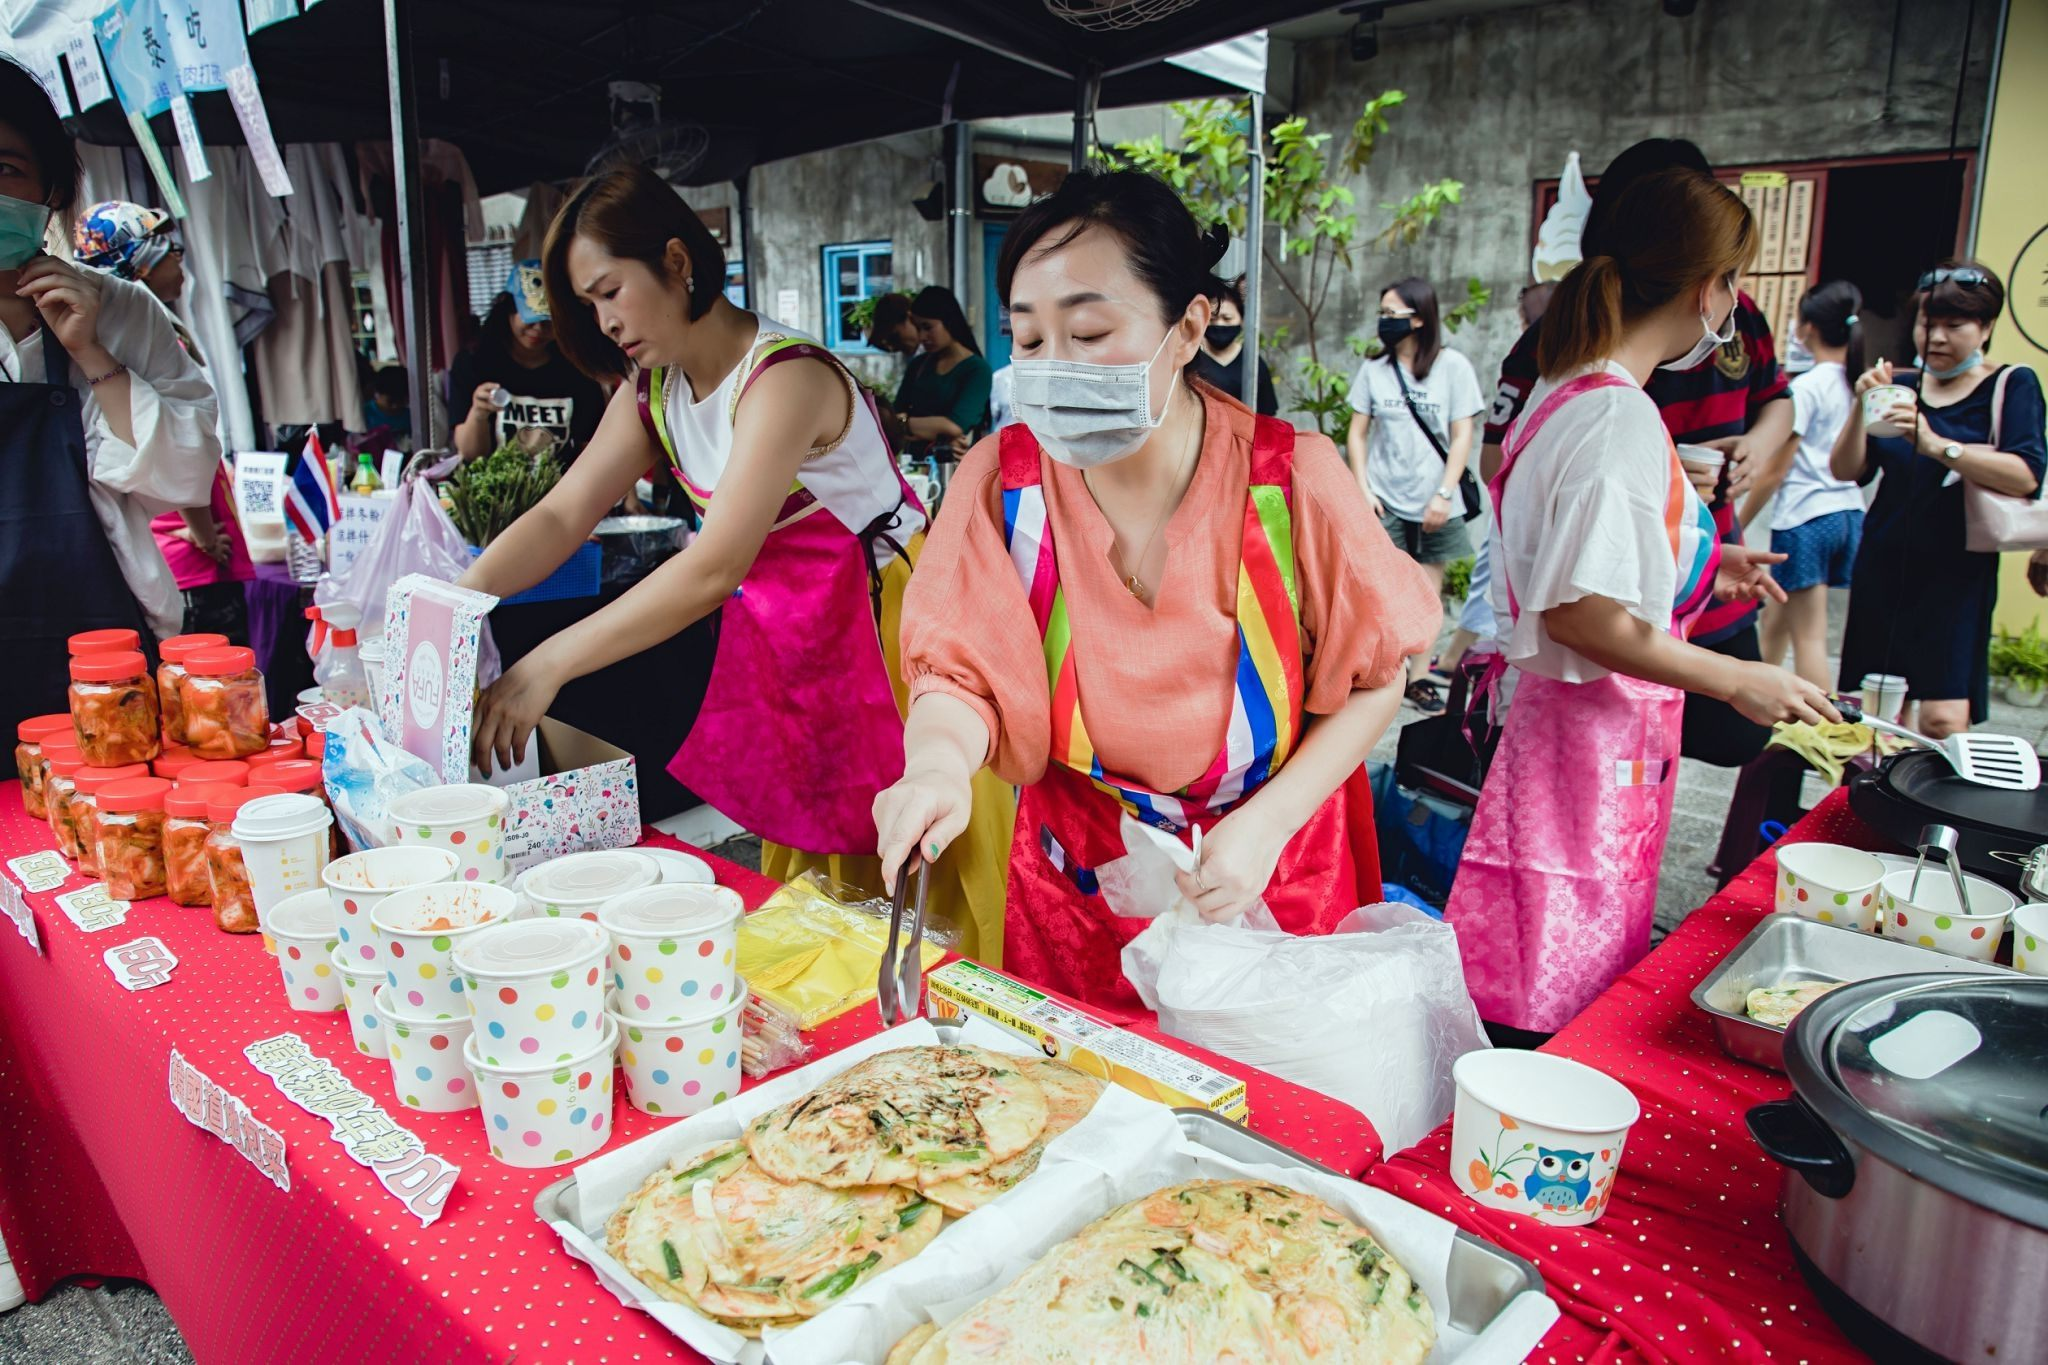 6-Stand Korea menjual pancake yang lezat